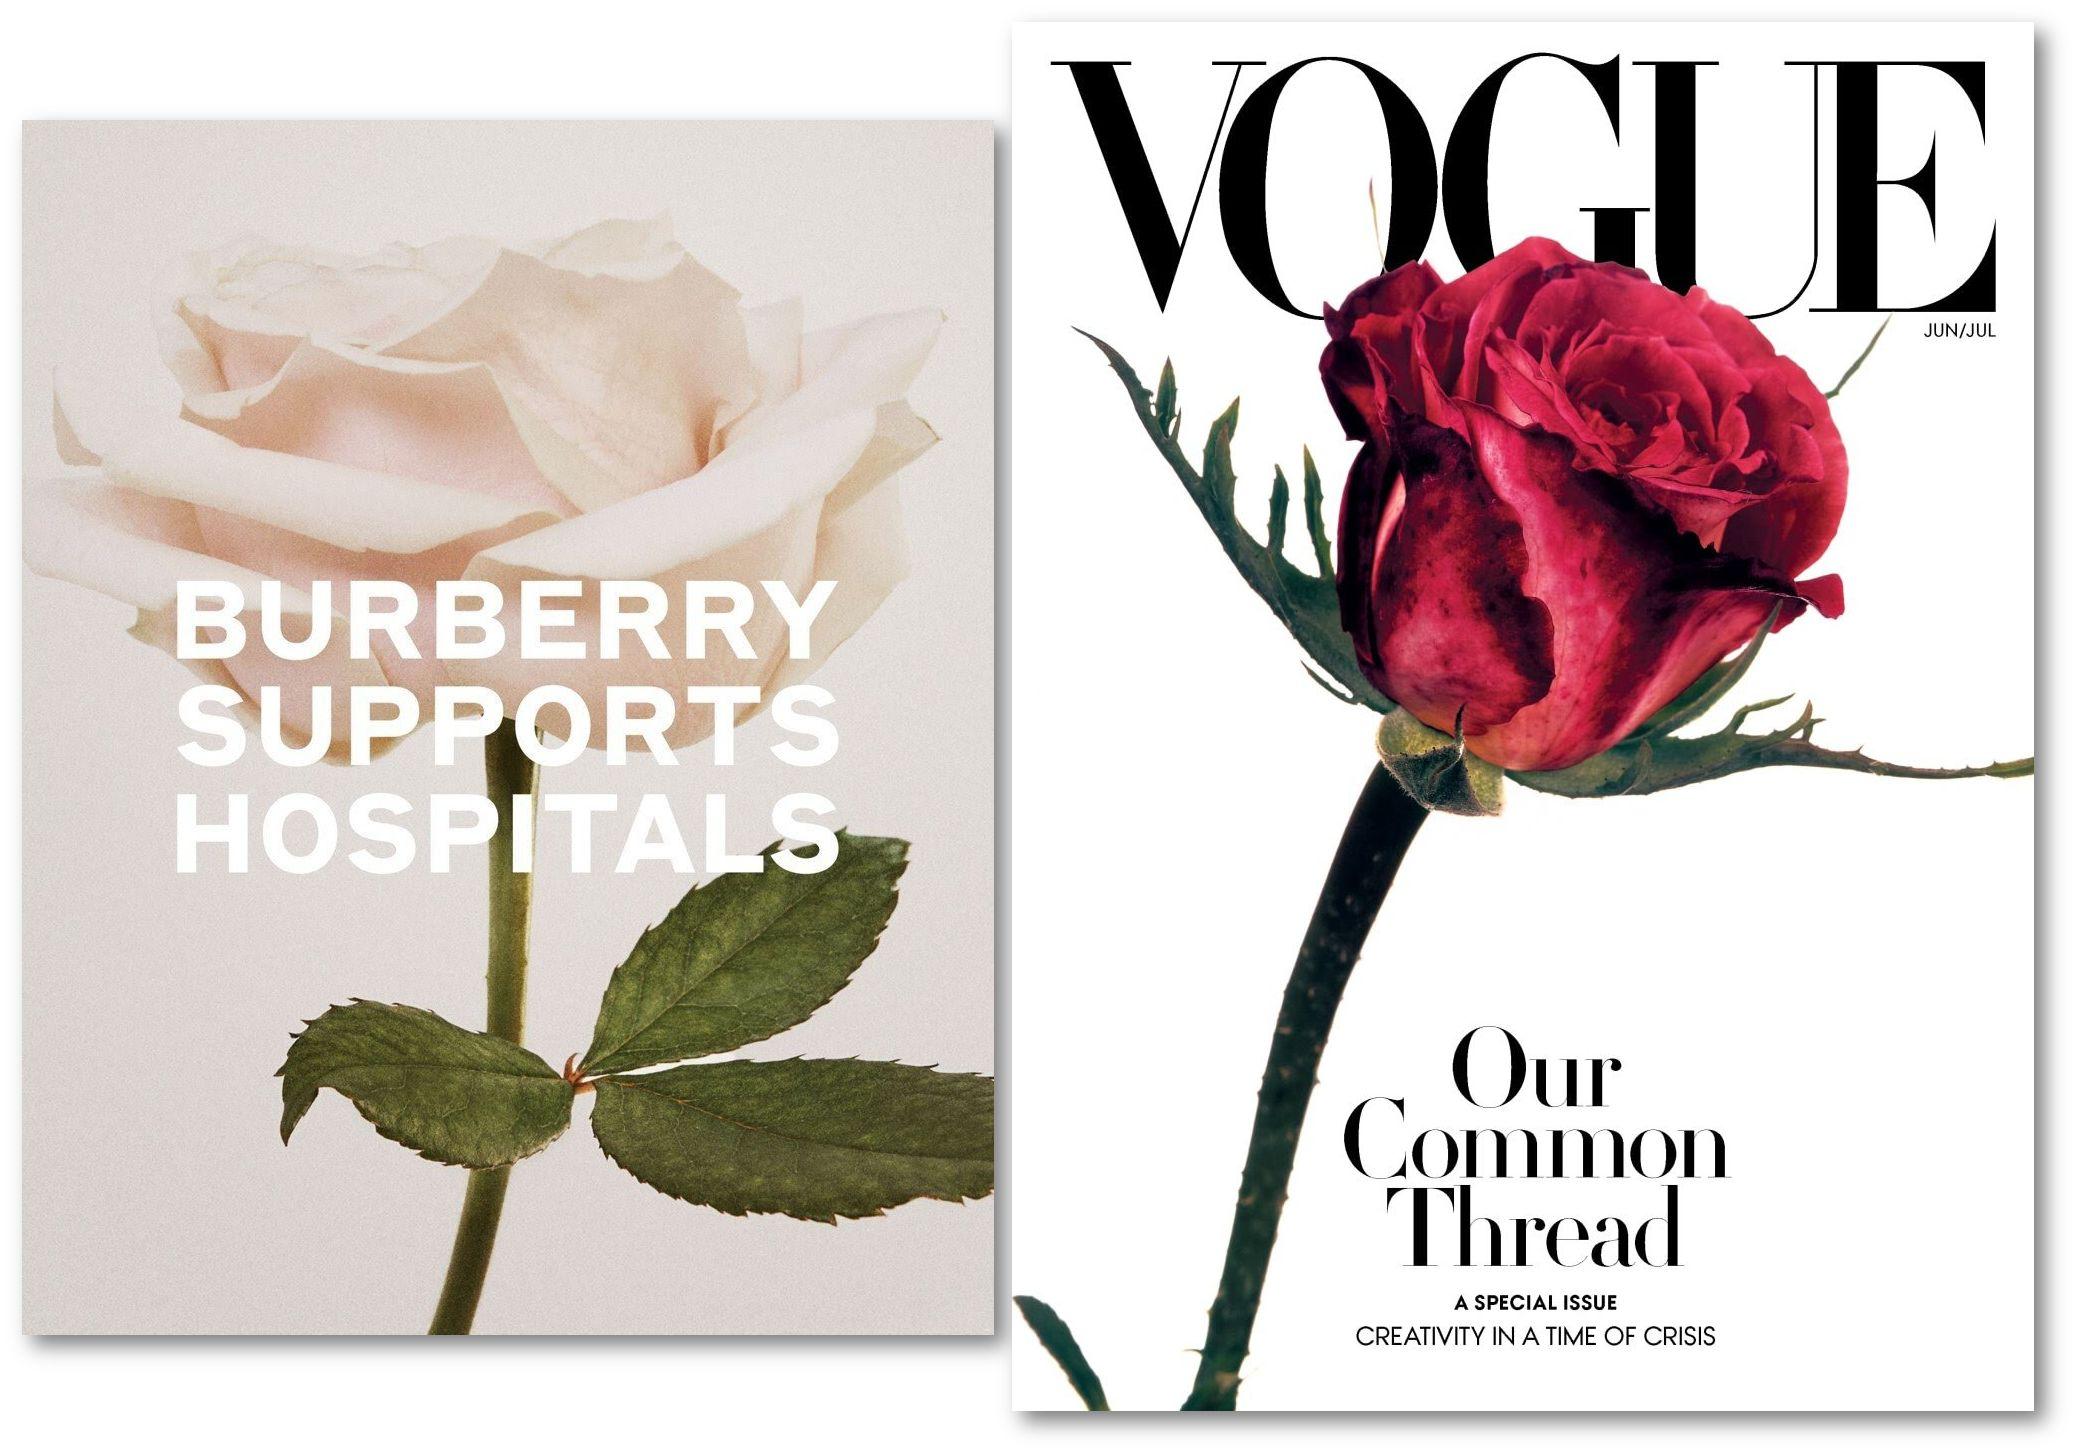 Burberry rose vs Vogue rose